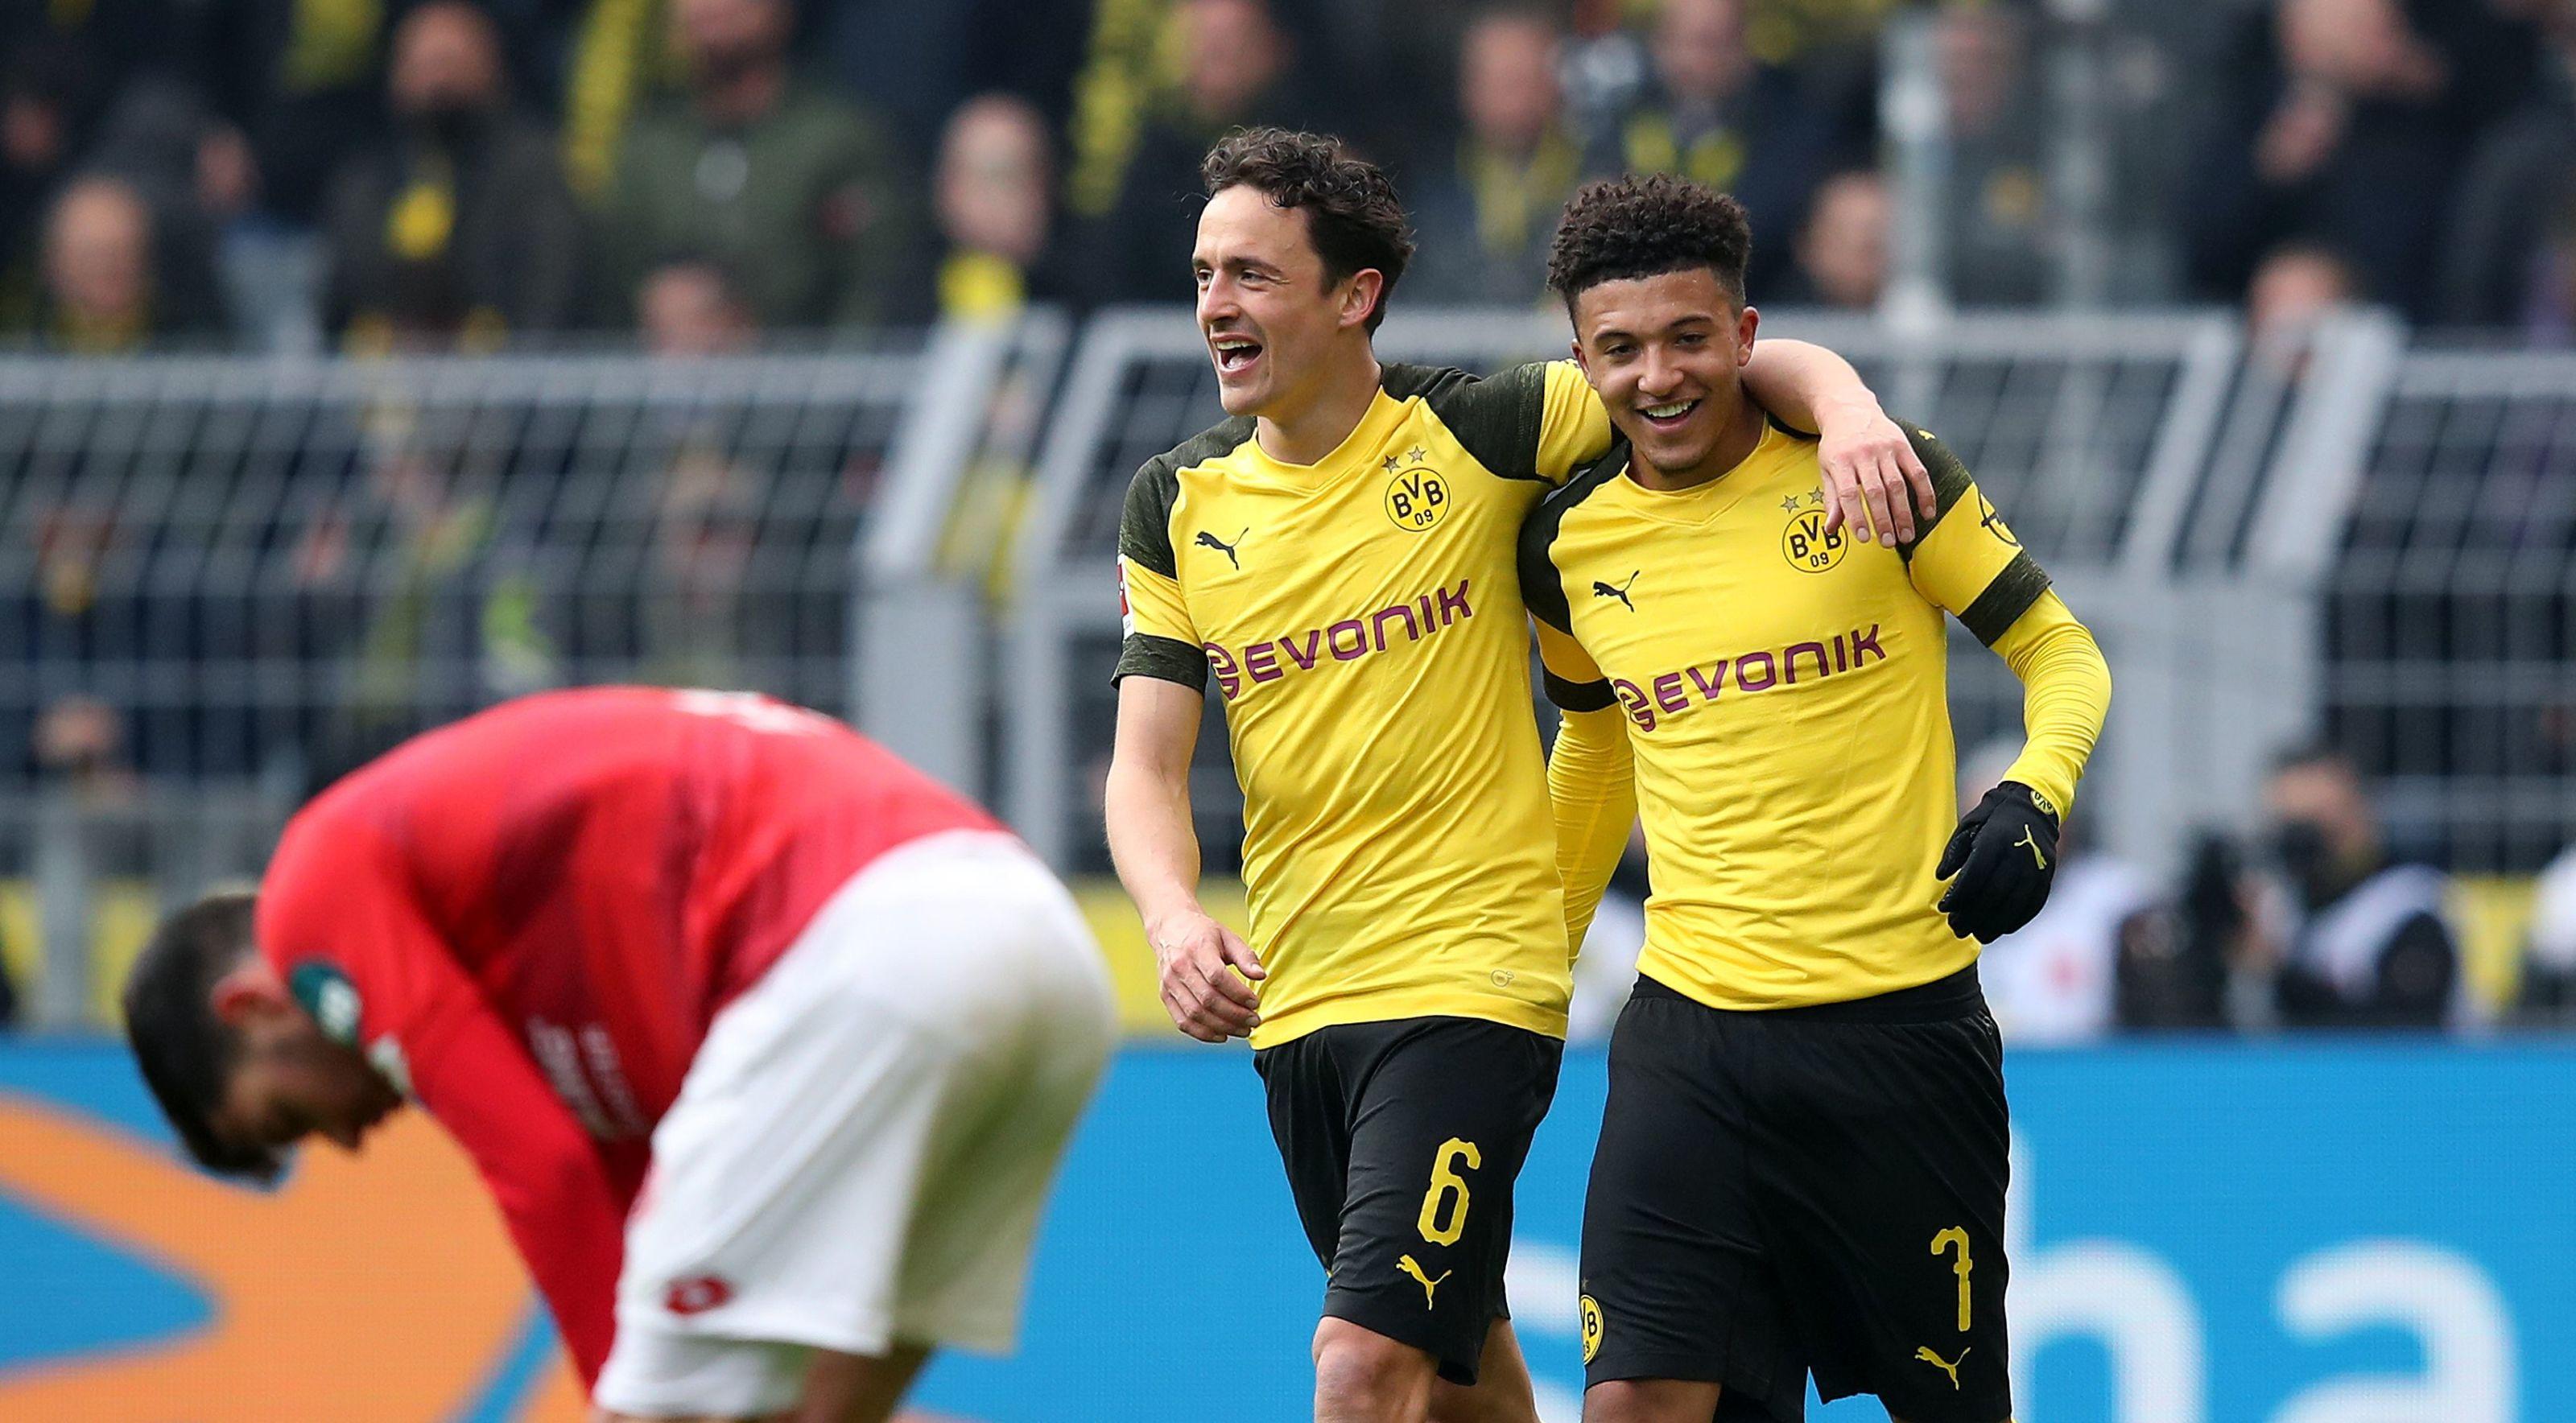 Borussia Dortmund Vs Freiburg Live